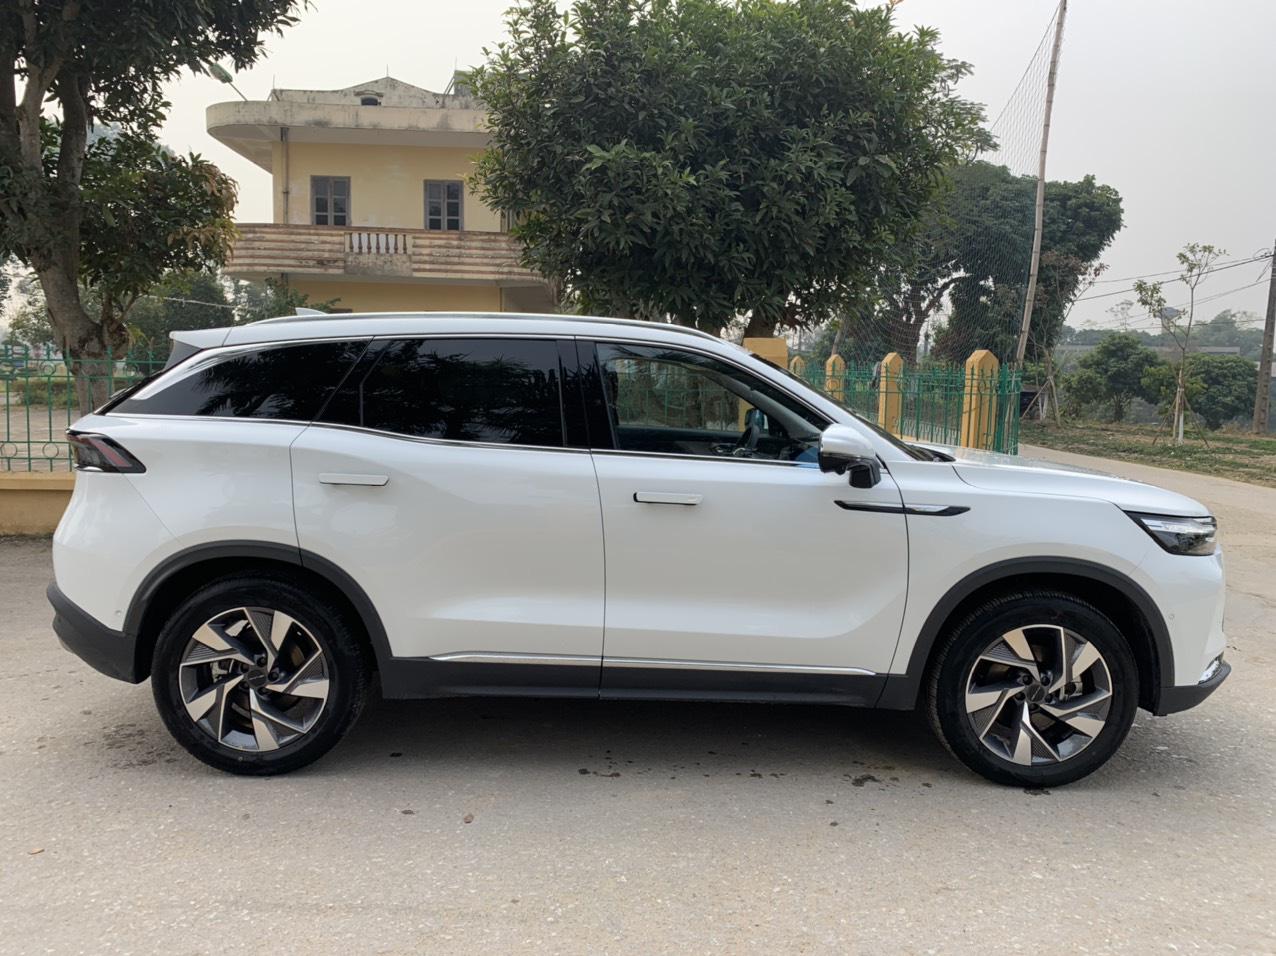 Mới mua ít ngày, chủ xe Trung Quốc Beijing X7 rao bán giá bất ngờ - Ảnh 3.